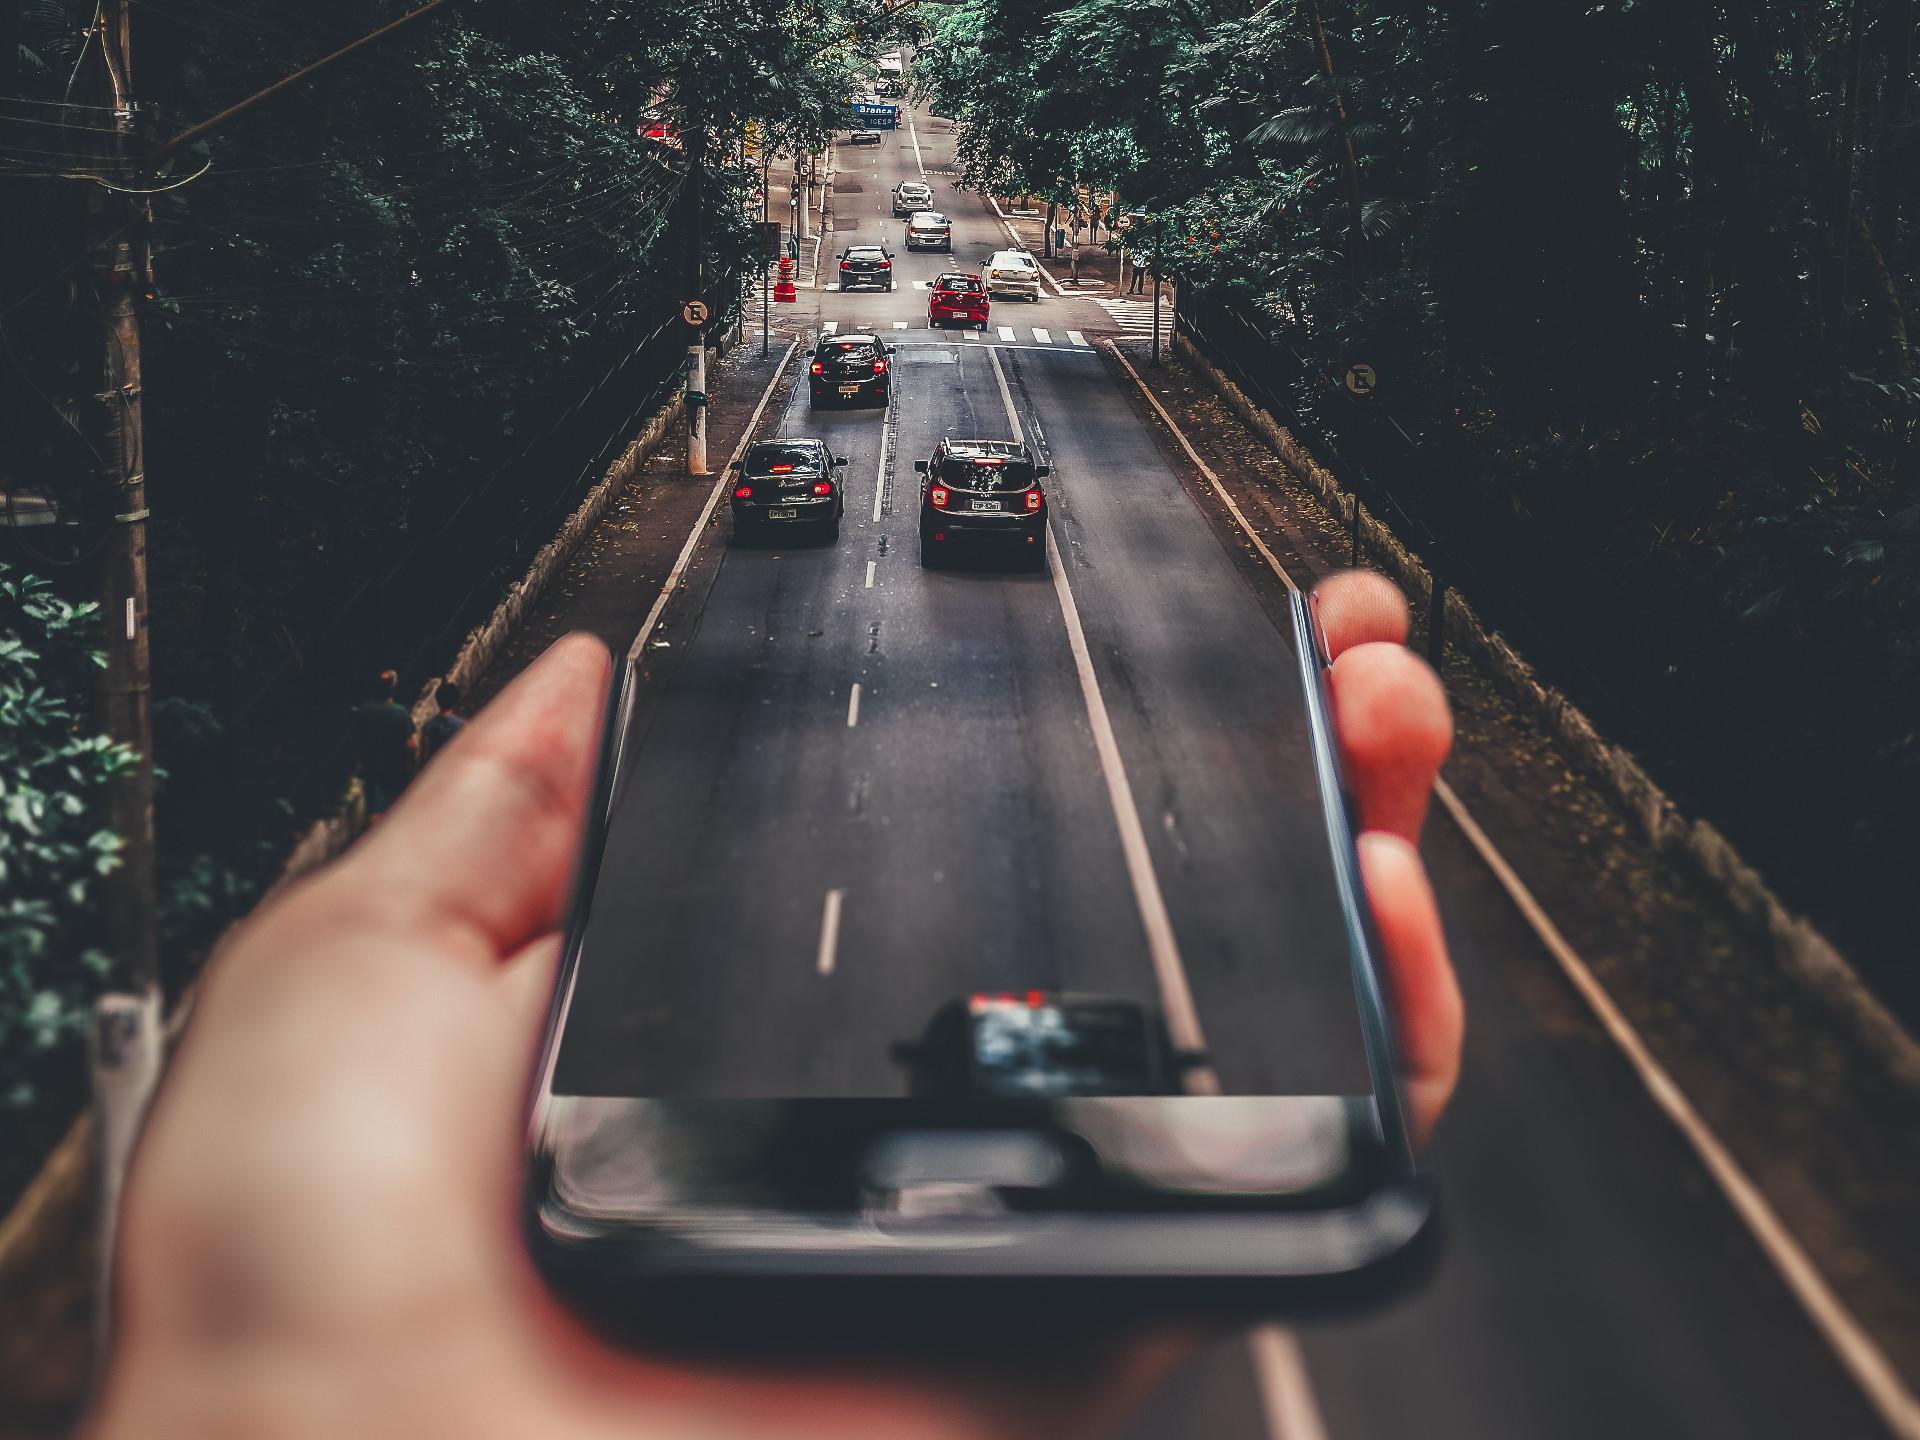 Smart Car Safety >> SUSTAINABLE & INTELLIGENT VEHICLE – Fmweek.it